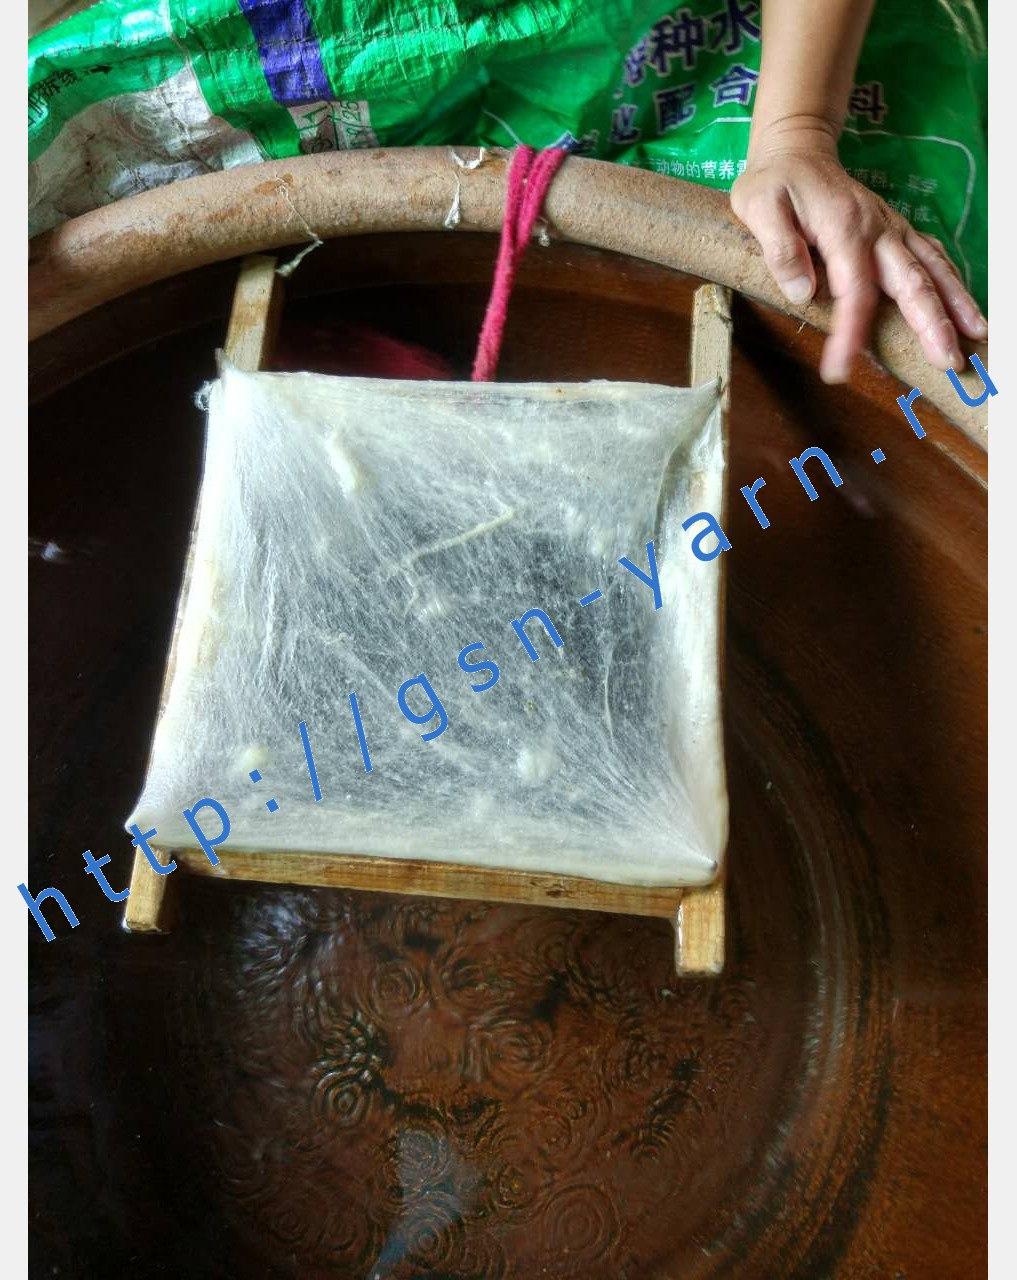 шелковые платки, шелковые платочки, шелковые платочки для валяния, шелковые квадраты, шелковое волокно, шелк для валяния, шелк для фелтинга, шелковое волокно для фильцевания, шелковое волокно для нуно-фелтинга, silk hankies, mawata squares, mawata silk